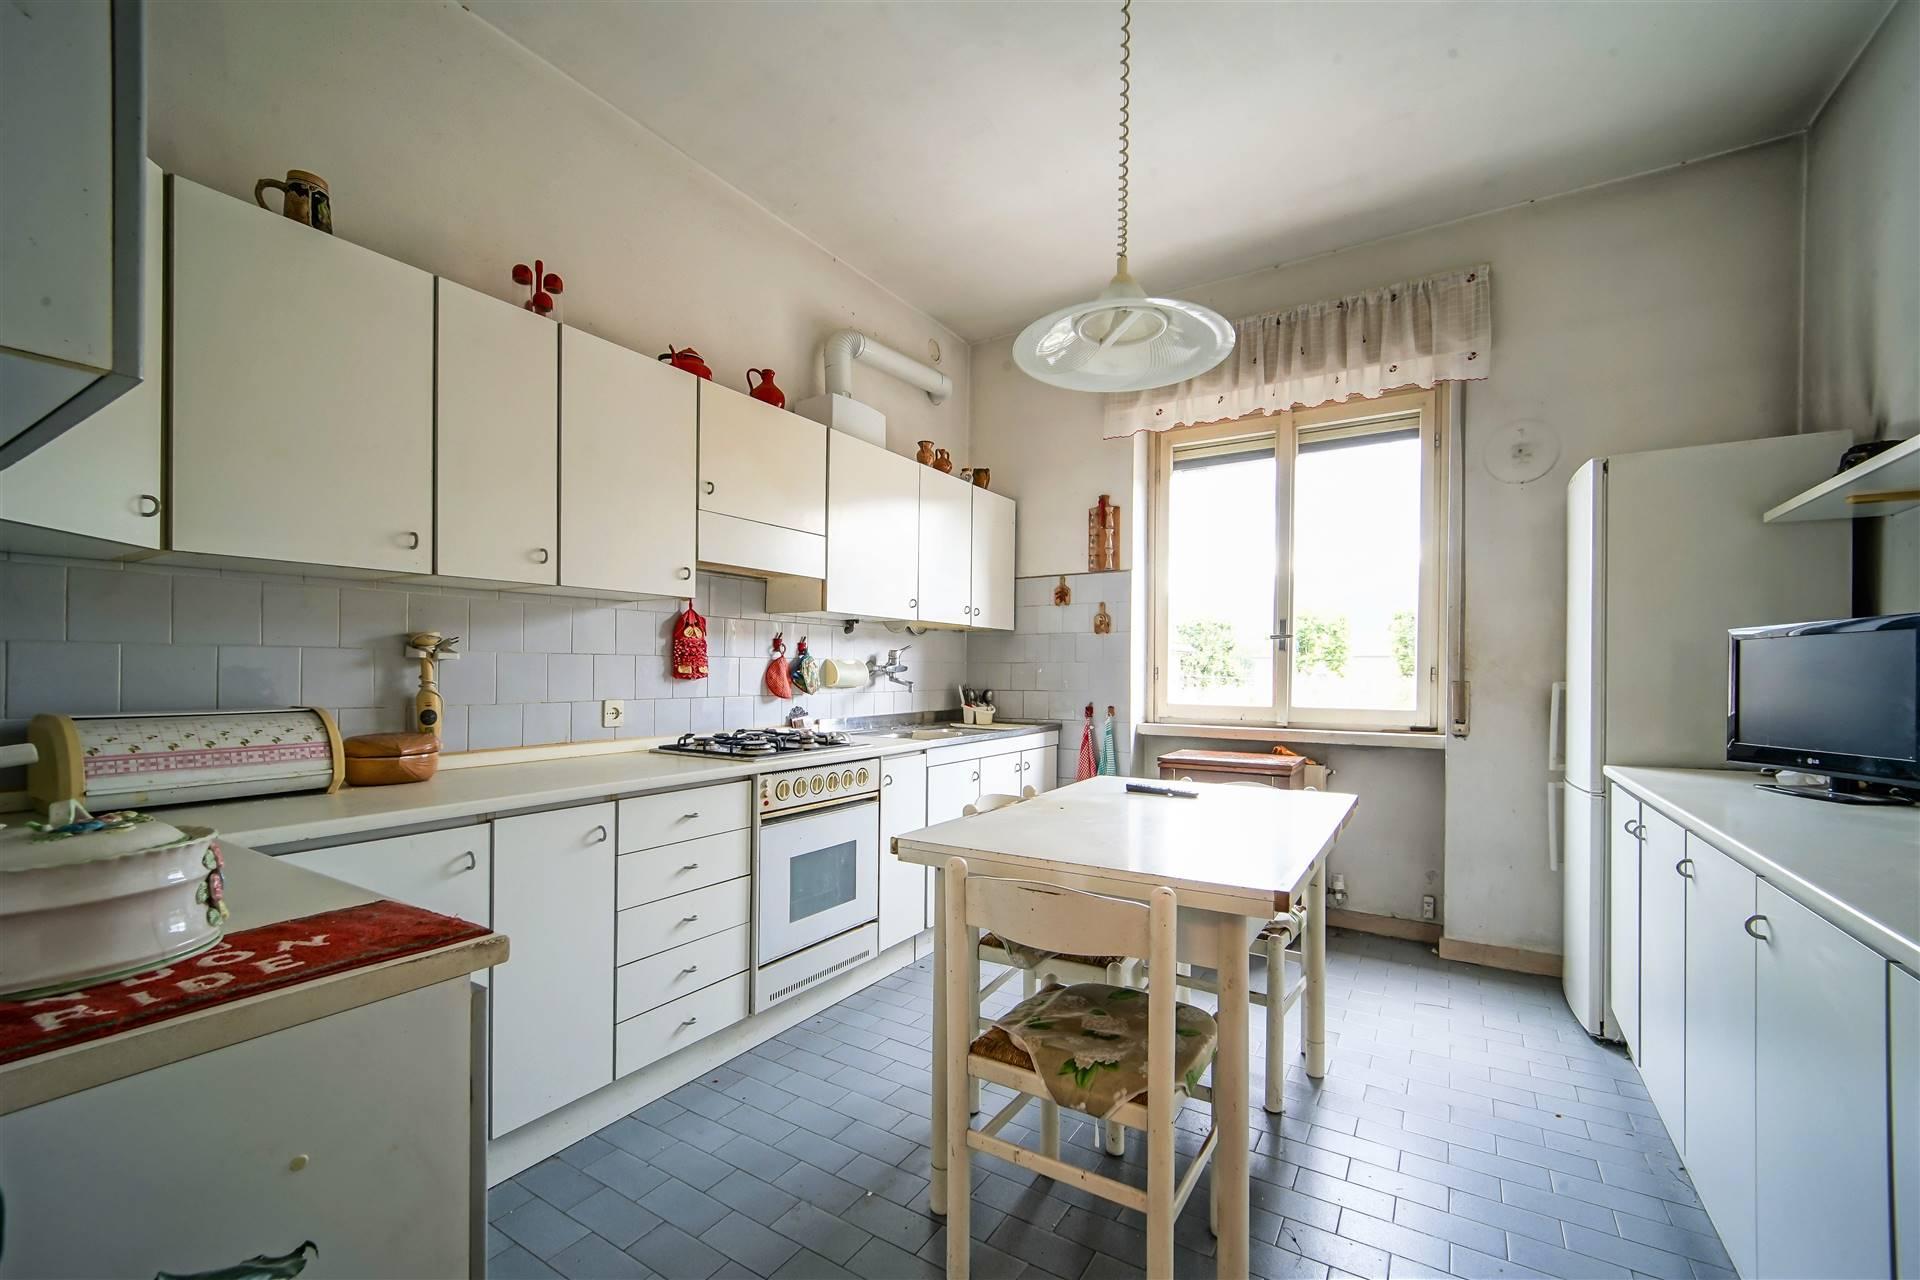 Appartamento in vendita a Calolziocorte, 3 locali, prezzo € 99.000 | CambioCasa.it